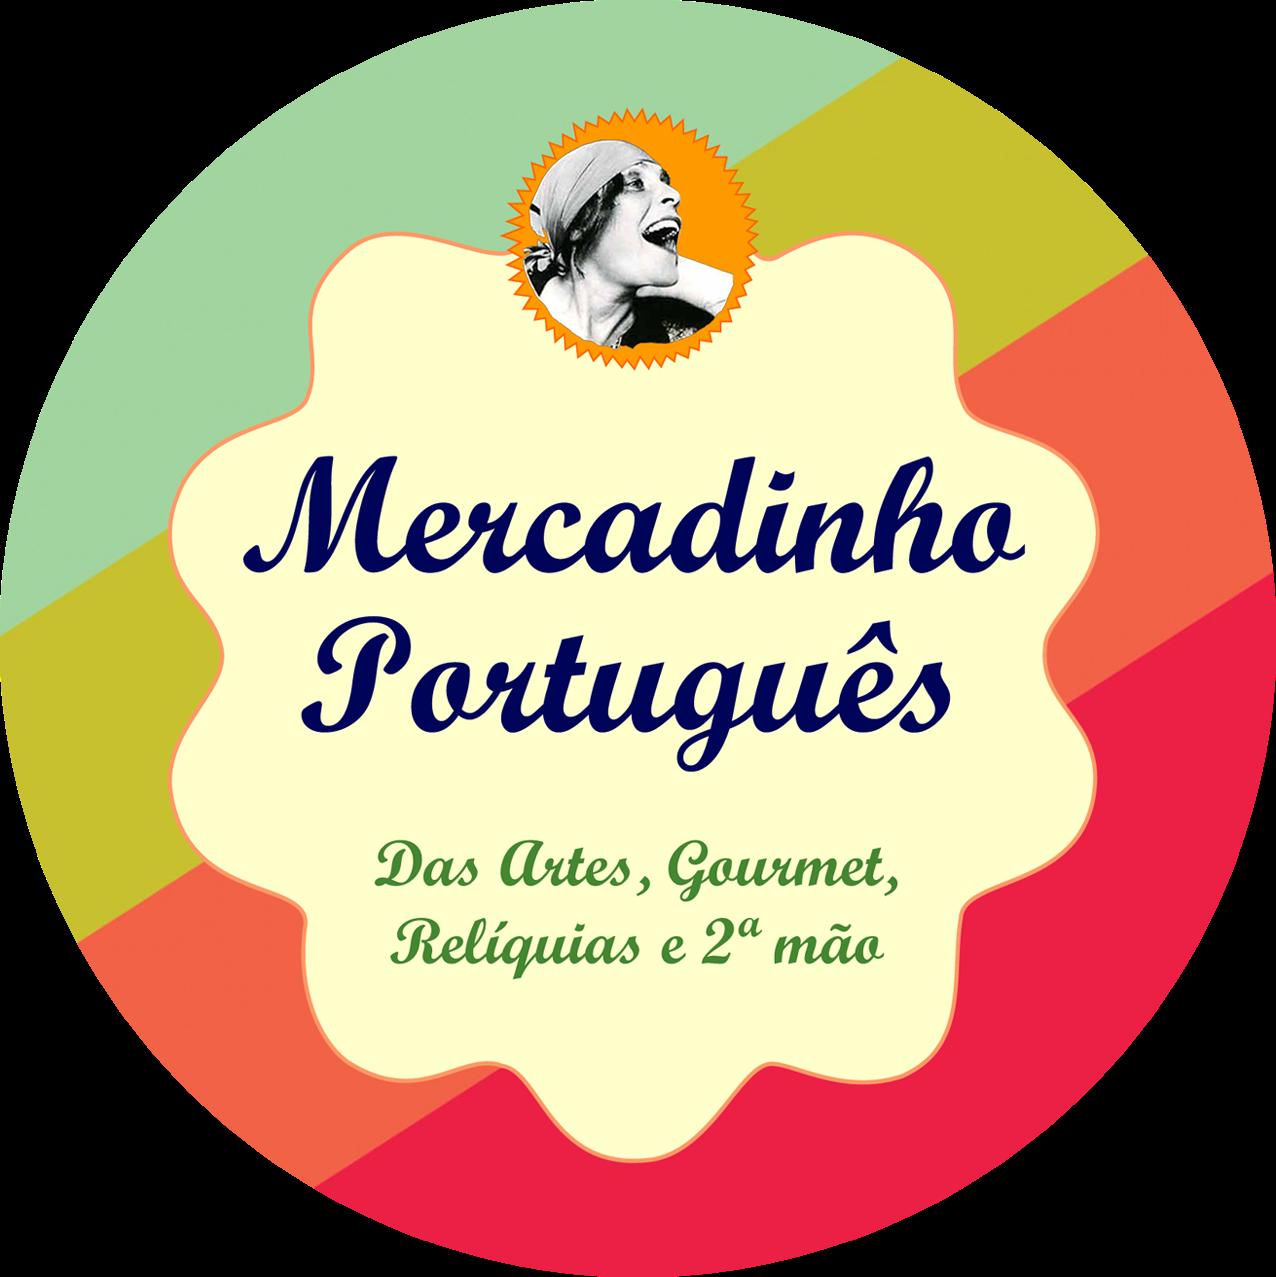 Visite-nos no Mercadinho Português;)